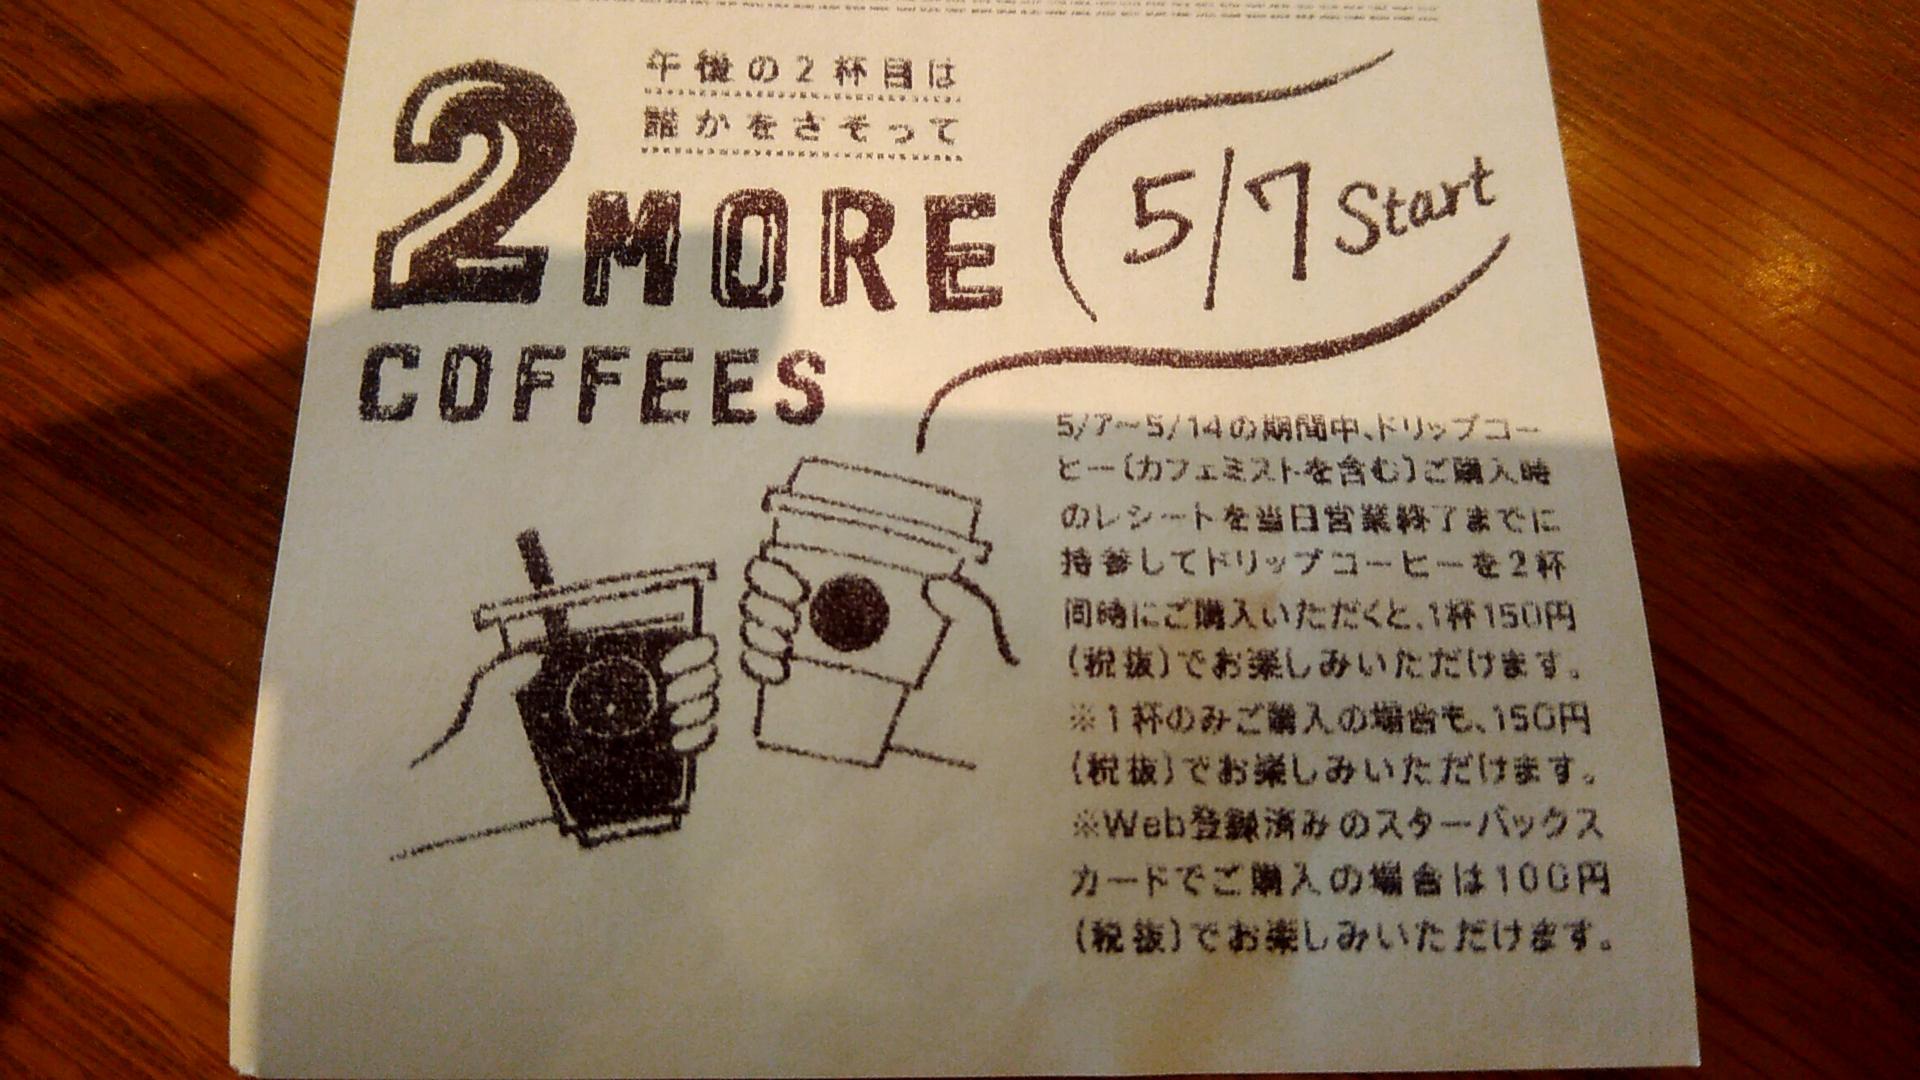 【スタバ】2杯目も100円!2MORE COFFEES 5月7~14日